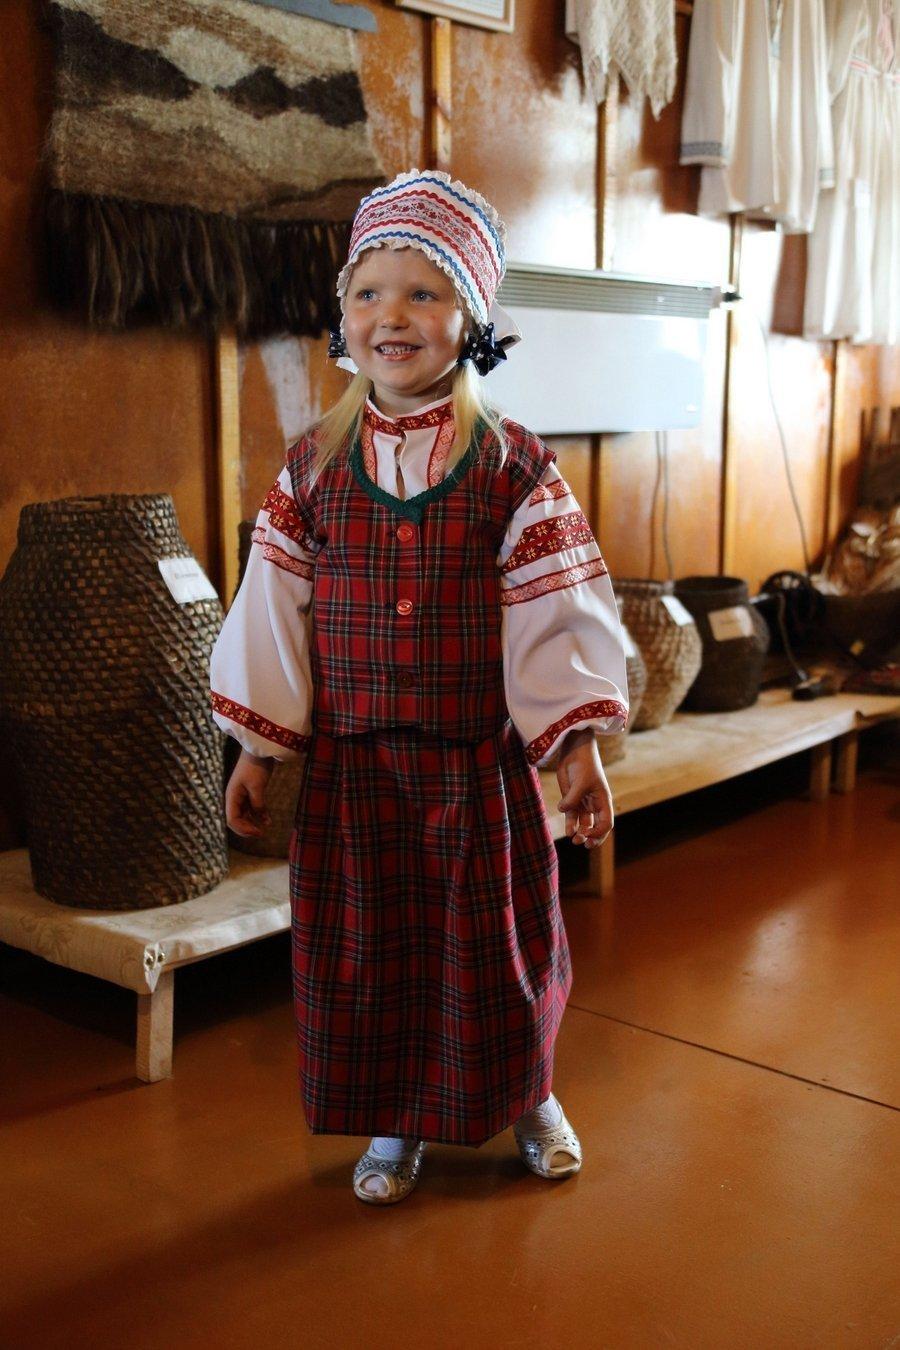 Услышать, как четырехлетняя сибирячка Дарина поет «Цiк-так ходзiкi, мне чатыры годзiкi»... И прийти в восторг!